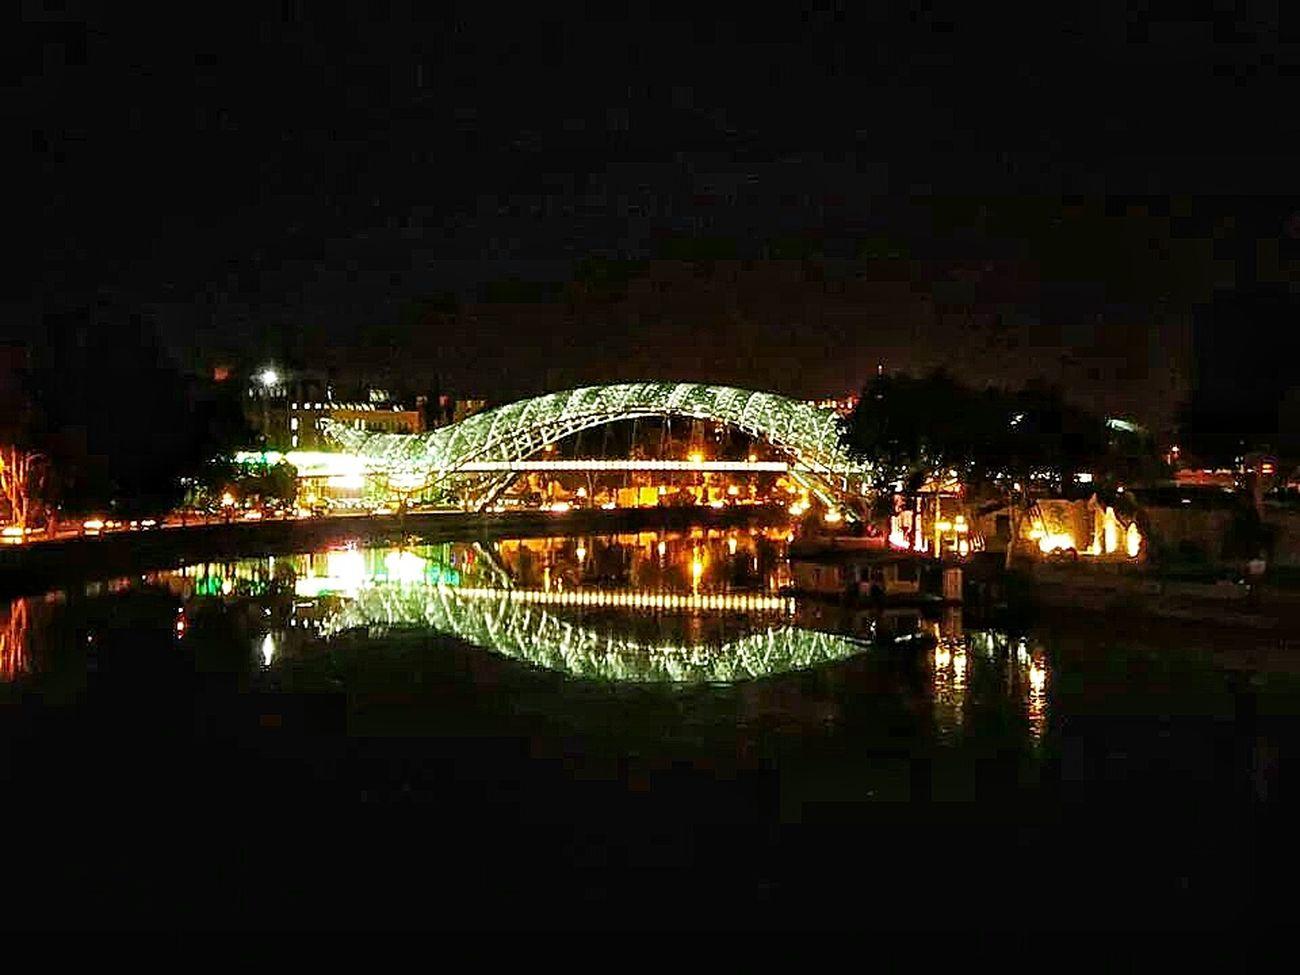 Tbilisi Ilovethiscity Night Lights Bridgeofpeace